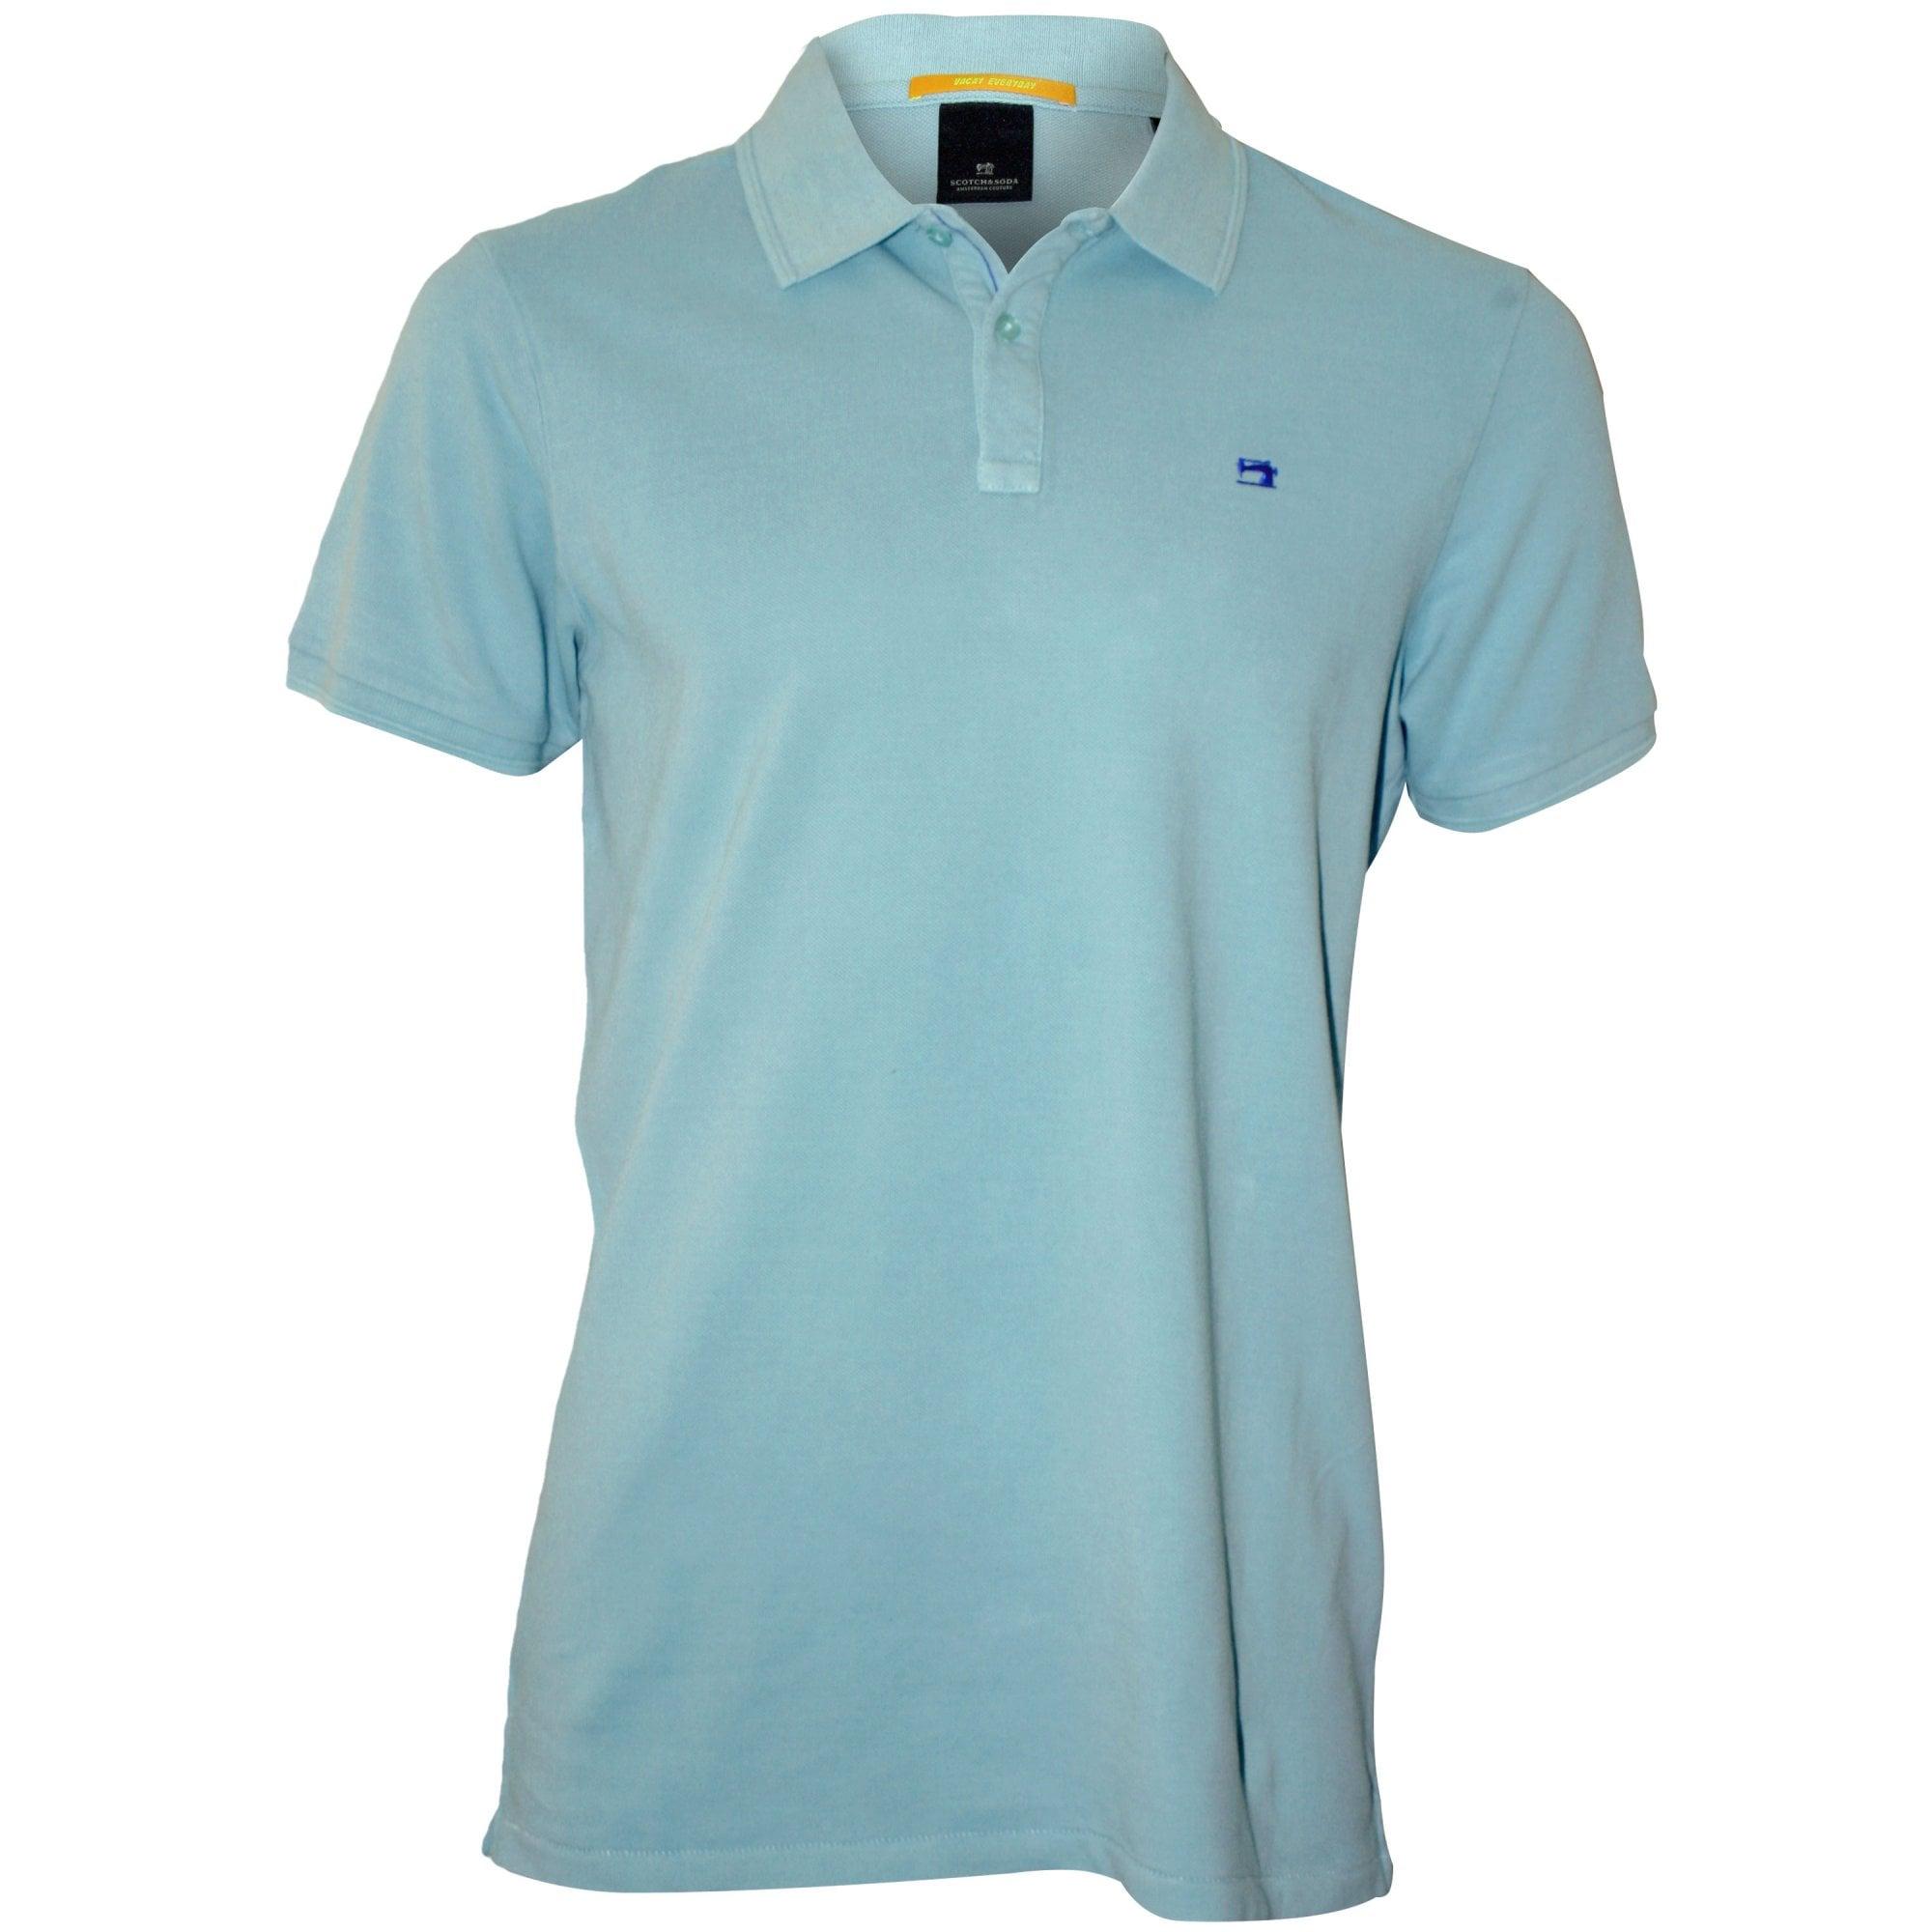 Scotch \u0026 Soda Pique Polo Shirt, Pool